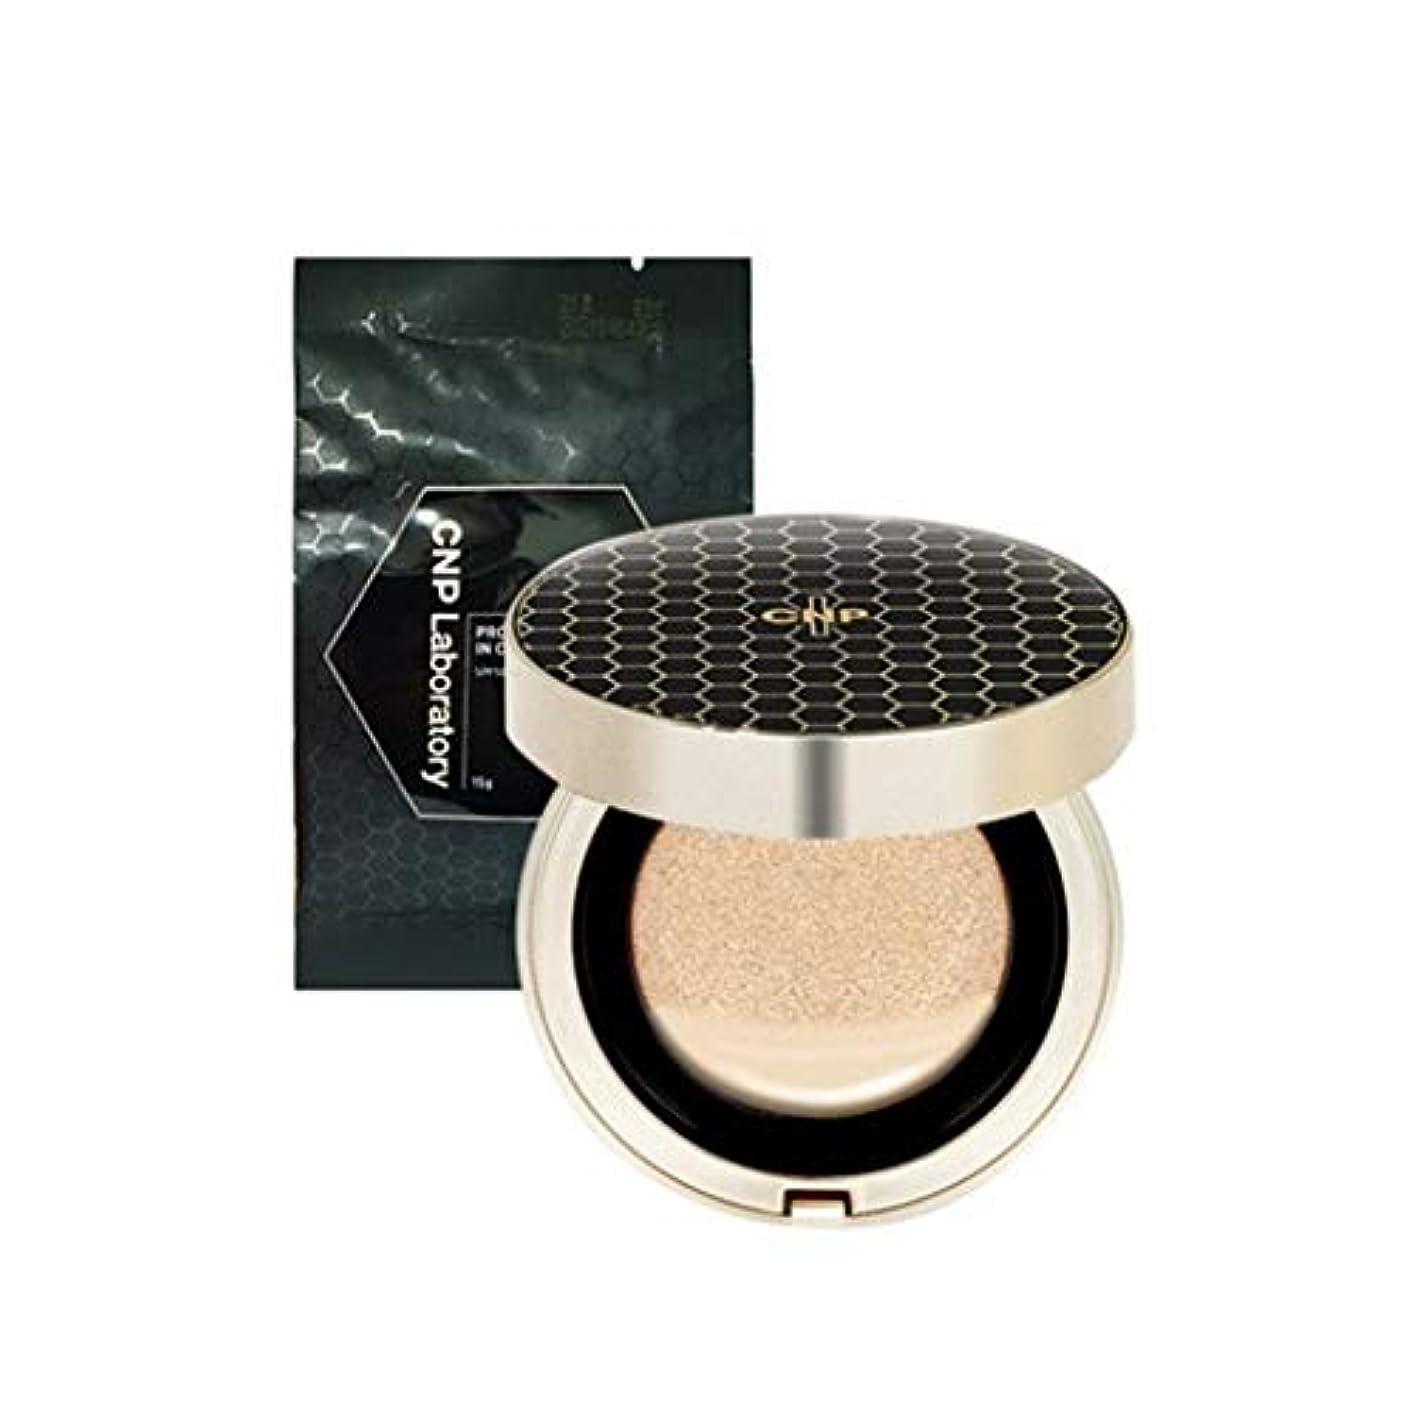 降下令状女の子CNP プロポリスアンプル?イン?クッション本品+リフィルセット韓国コスメ、CNP Propolis Ampule in Cushion+ Refill Set Korean Cosmetics [並行輸入品] (No. 21)